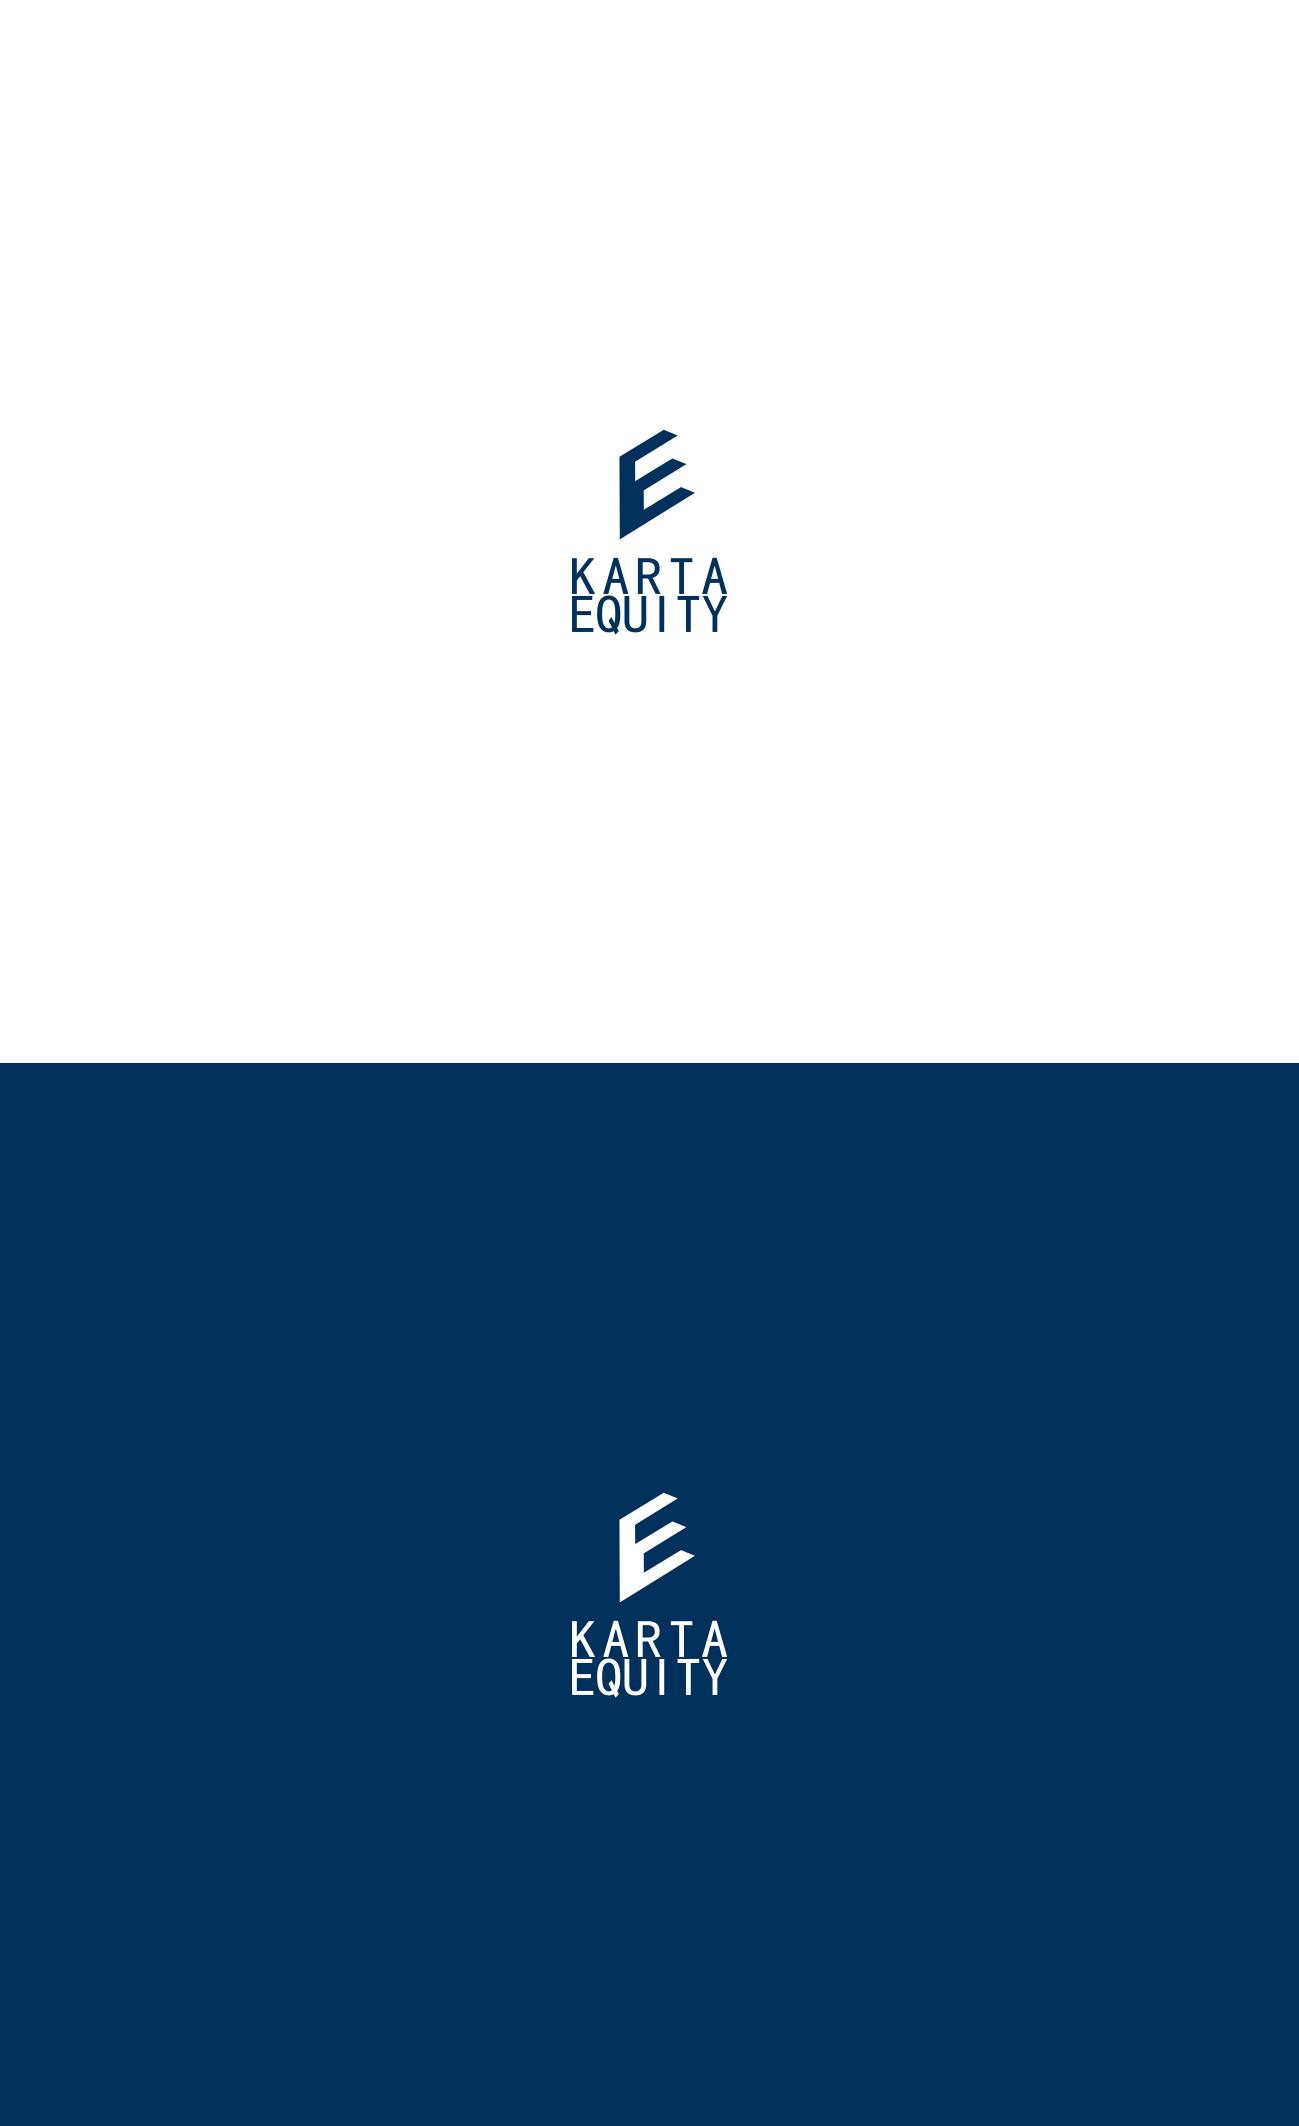 Логотип для компании инвестироваюшей в жилую недвижимость фото f_2795e120baa16b8e.png